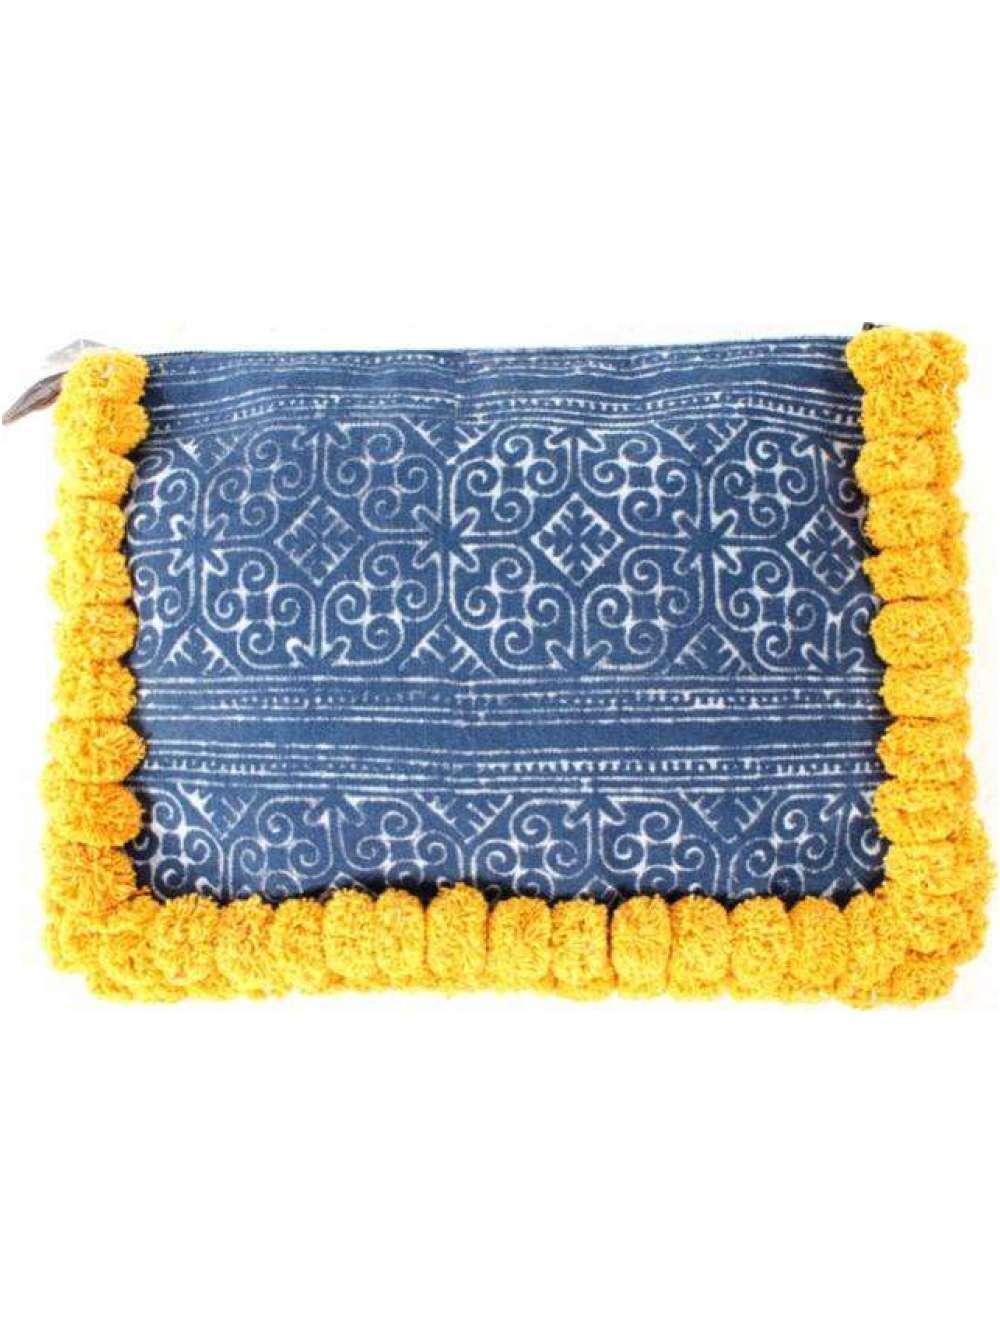 Batik Oversized Clutch with Yellow Pom Poms